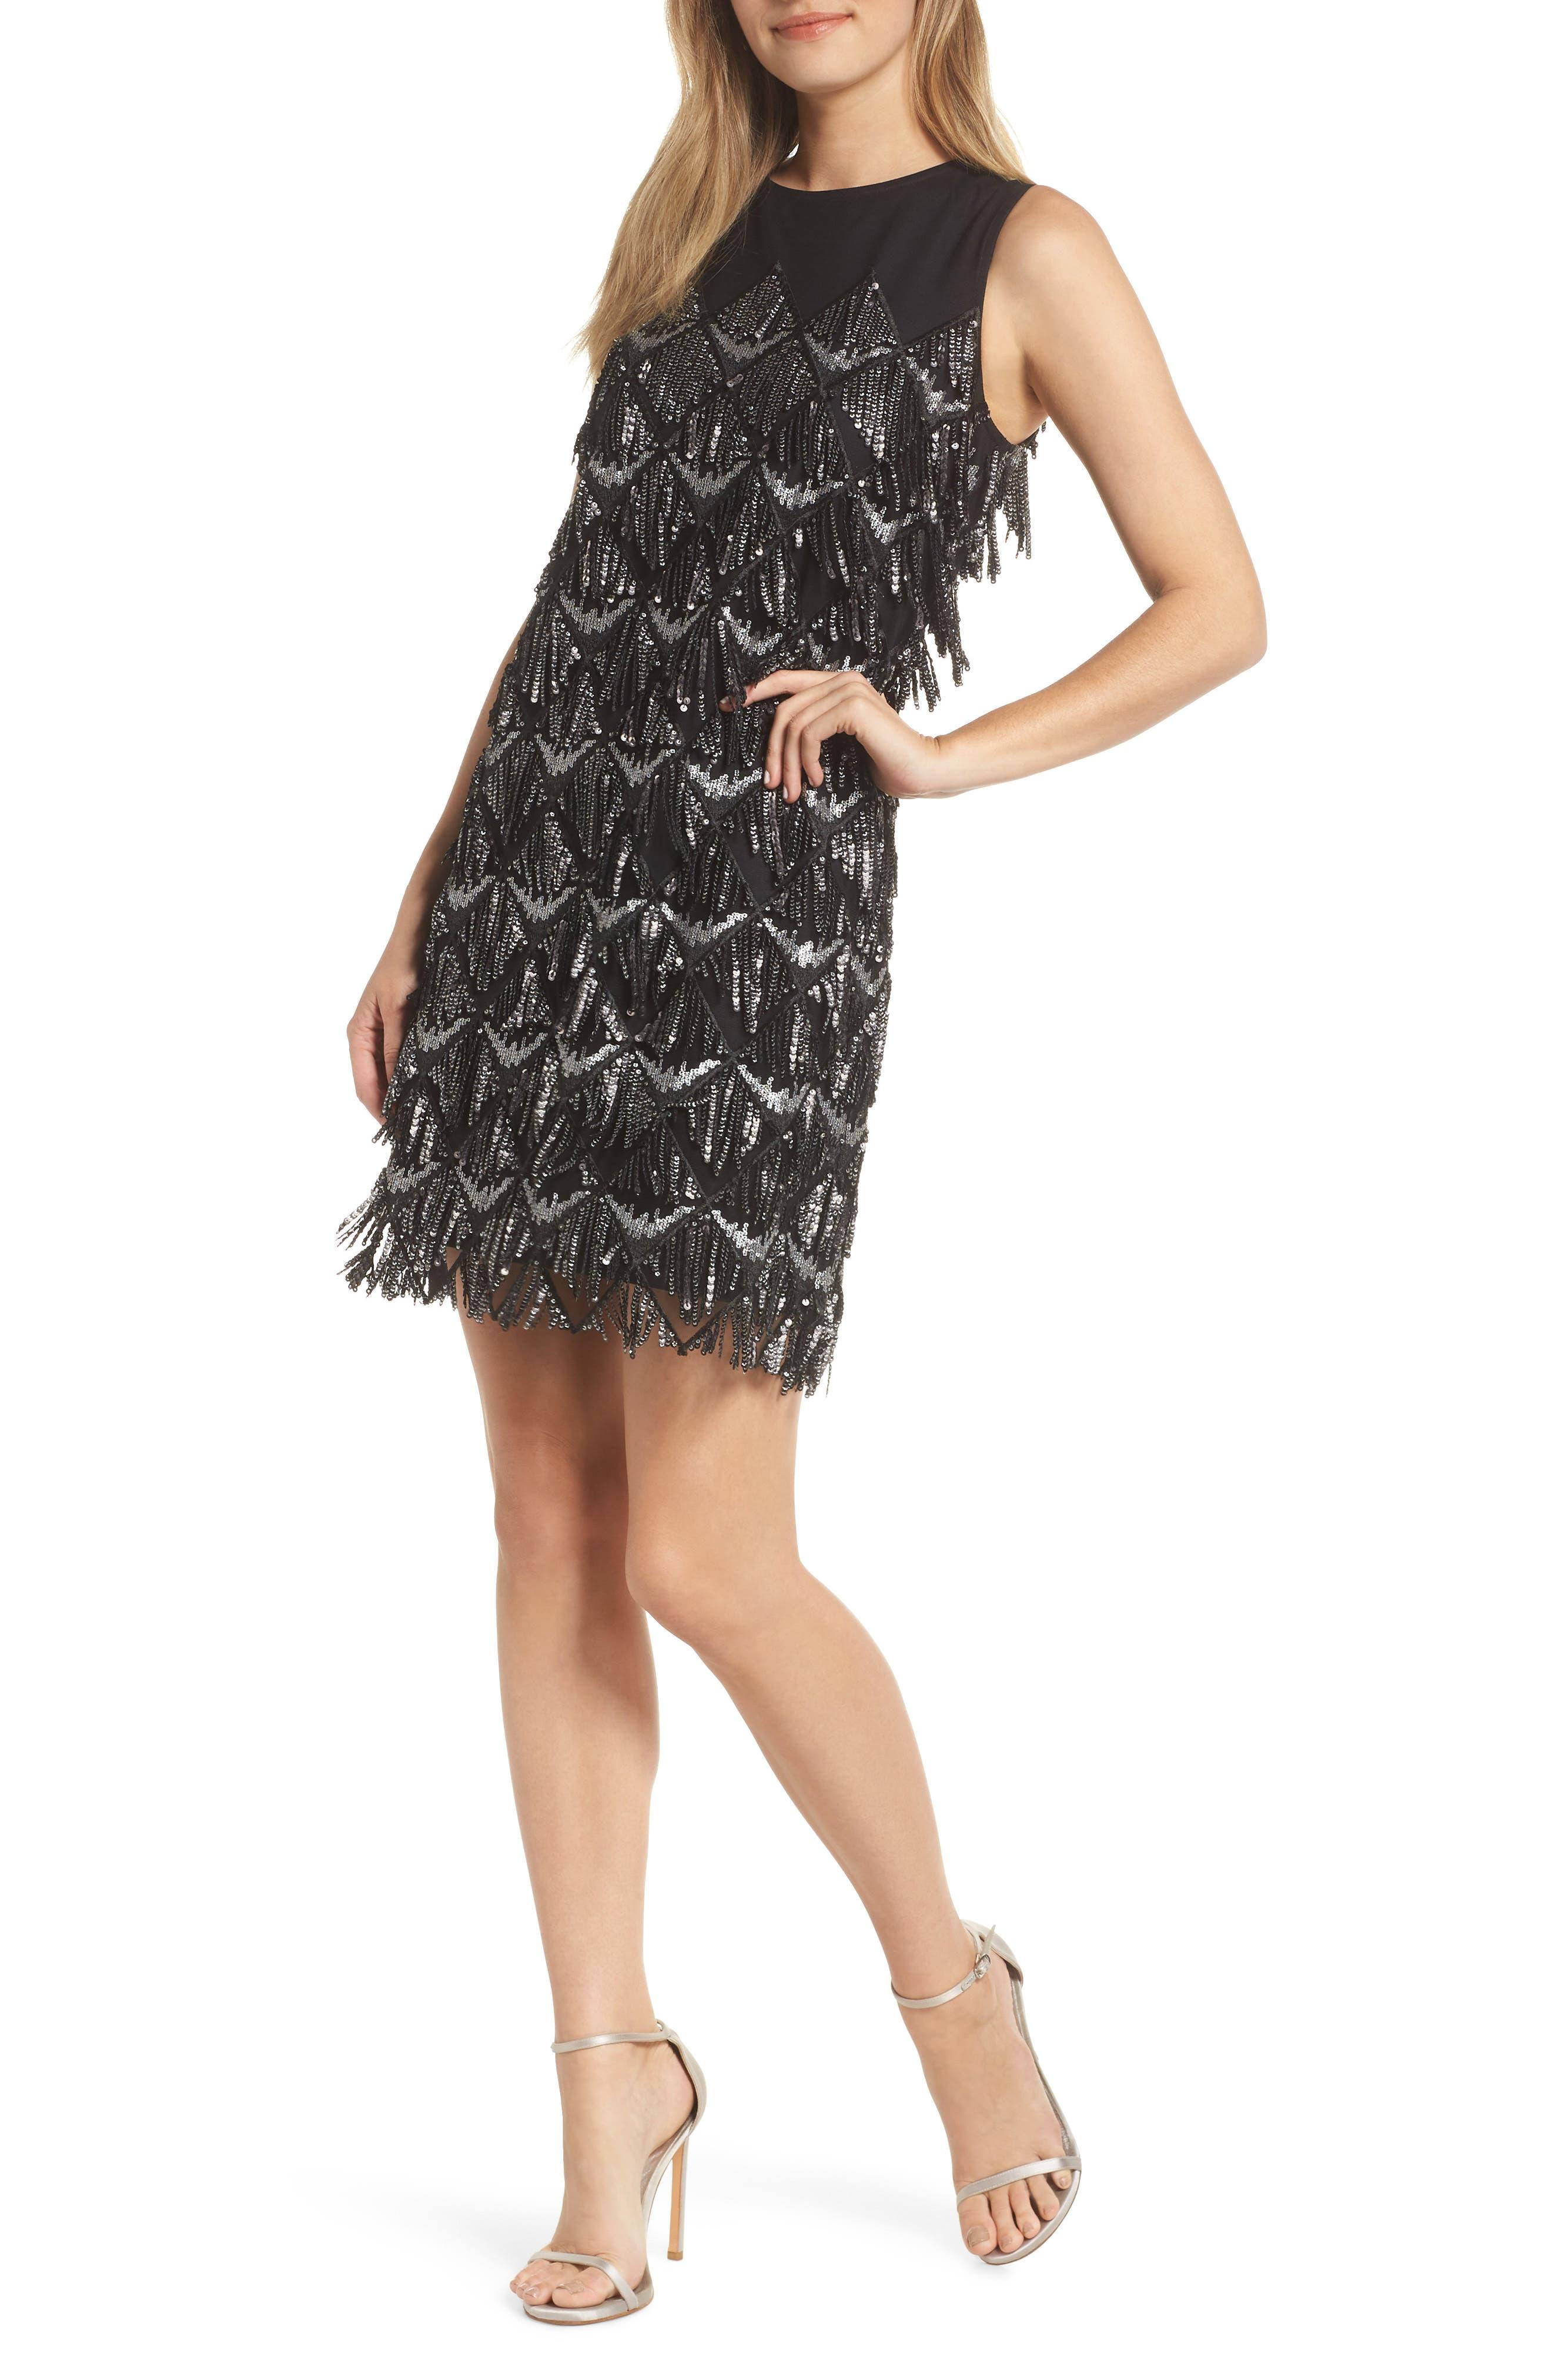 1920s Evening Dresses & Formal Gowns Womens Julia Jordan Sequin Fringe Sheath Dress Size 10 - Black $138.00 AT vintagedancer.com